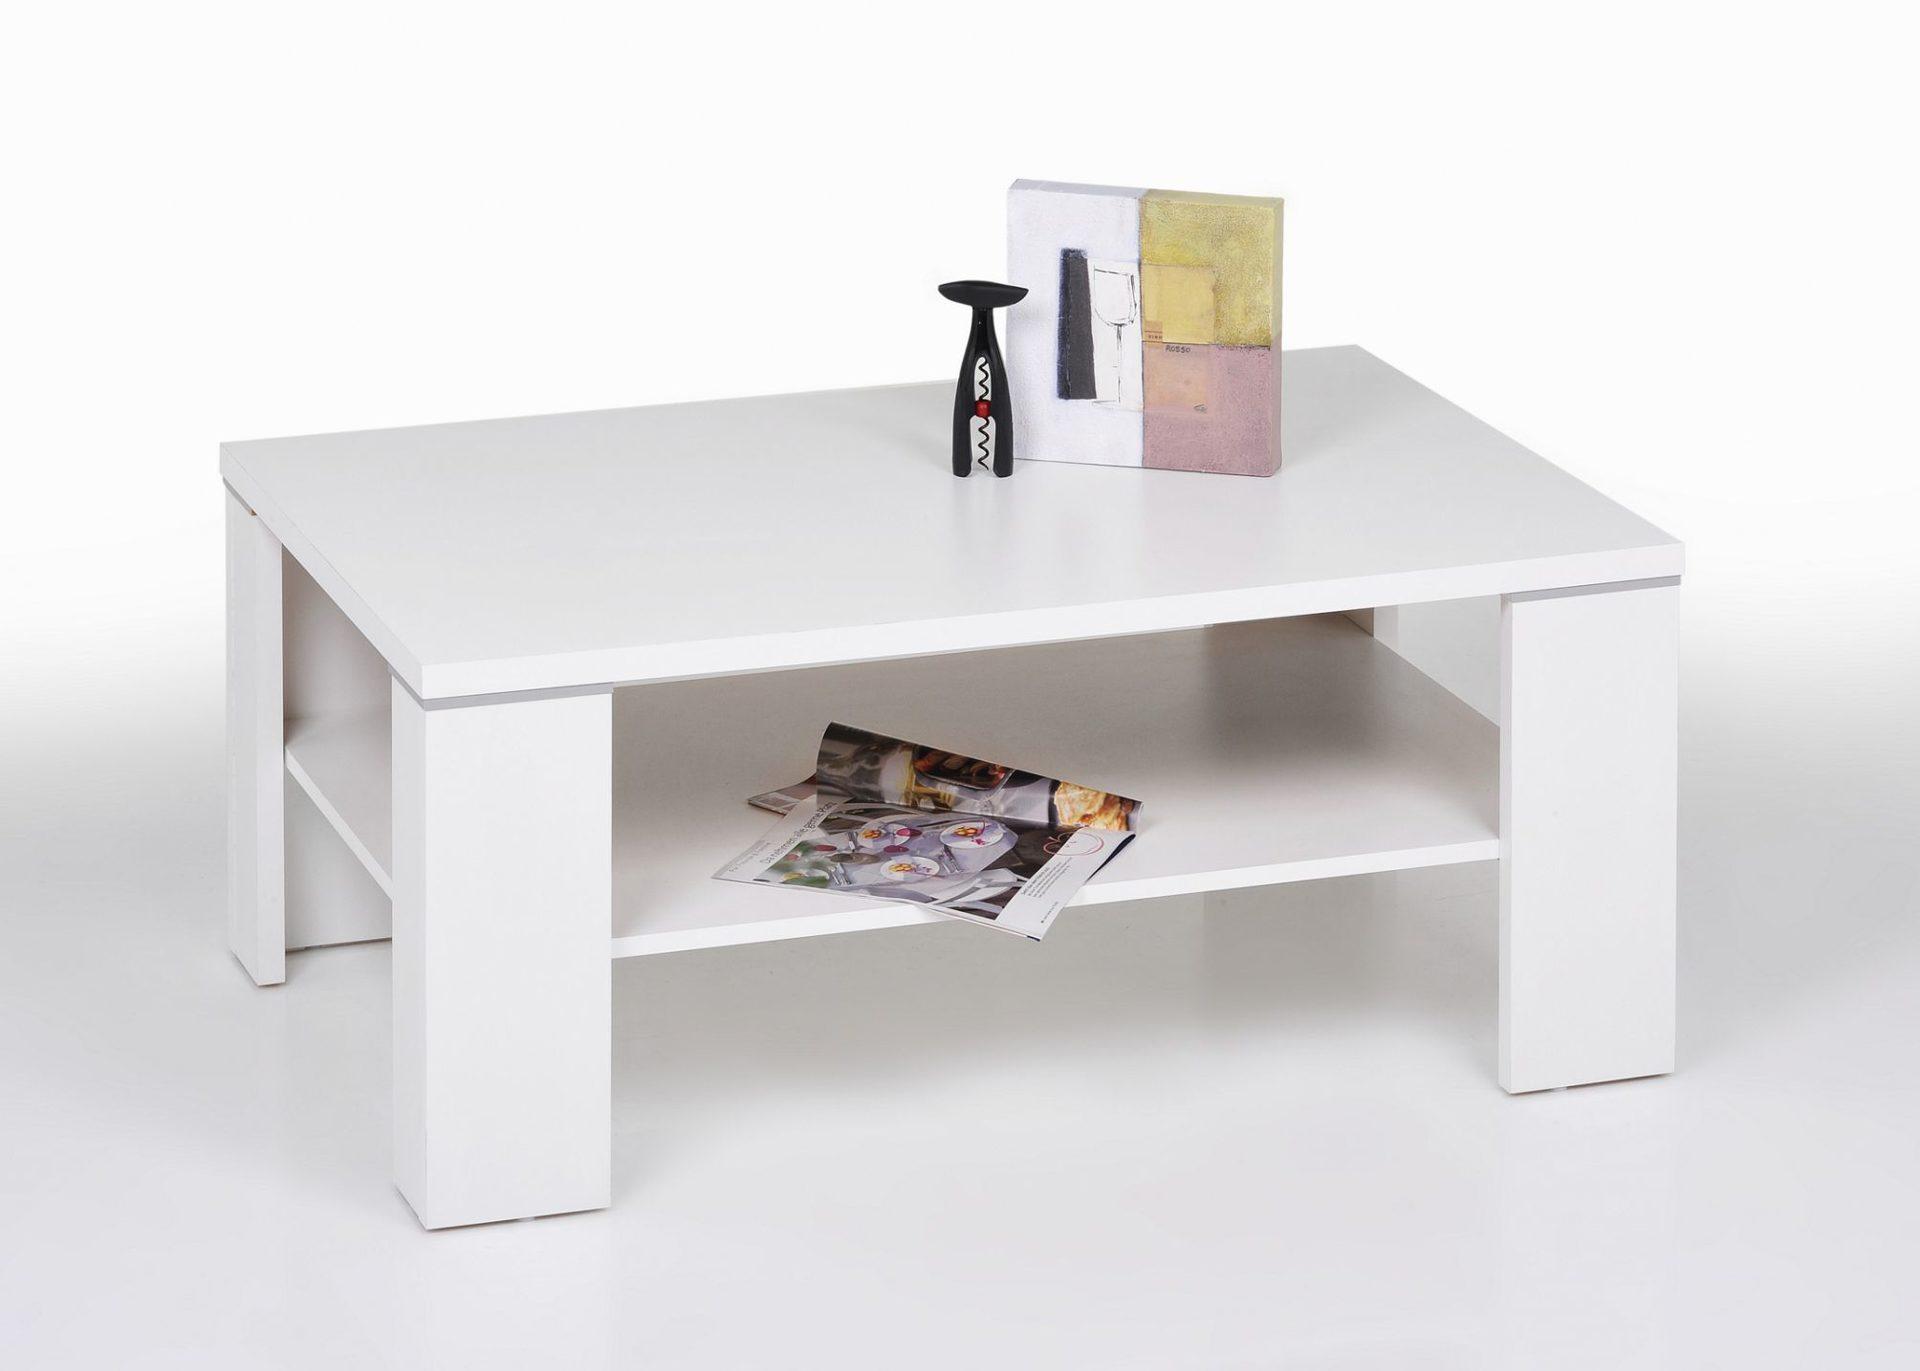 Möbel Hermes , Tisch Sets, Wohnzimmertisch Für Modernes Wohnen,  Wohnzimmertisch, Wohnzimmertisch Für Modernes Wohnen, Weiße  Kunststoffoberfläche, Ca.